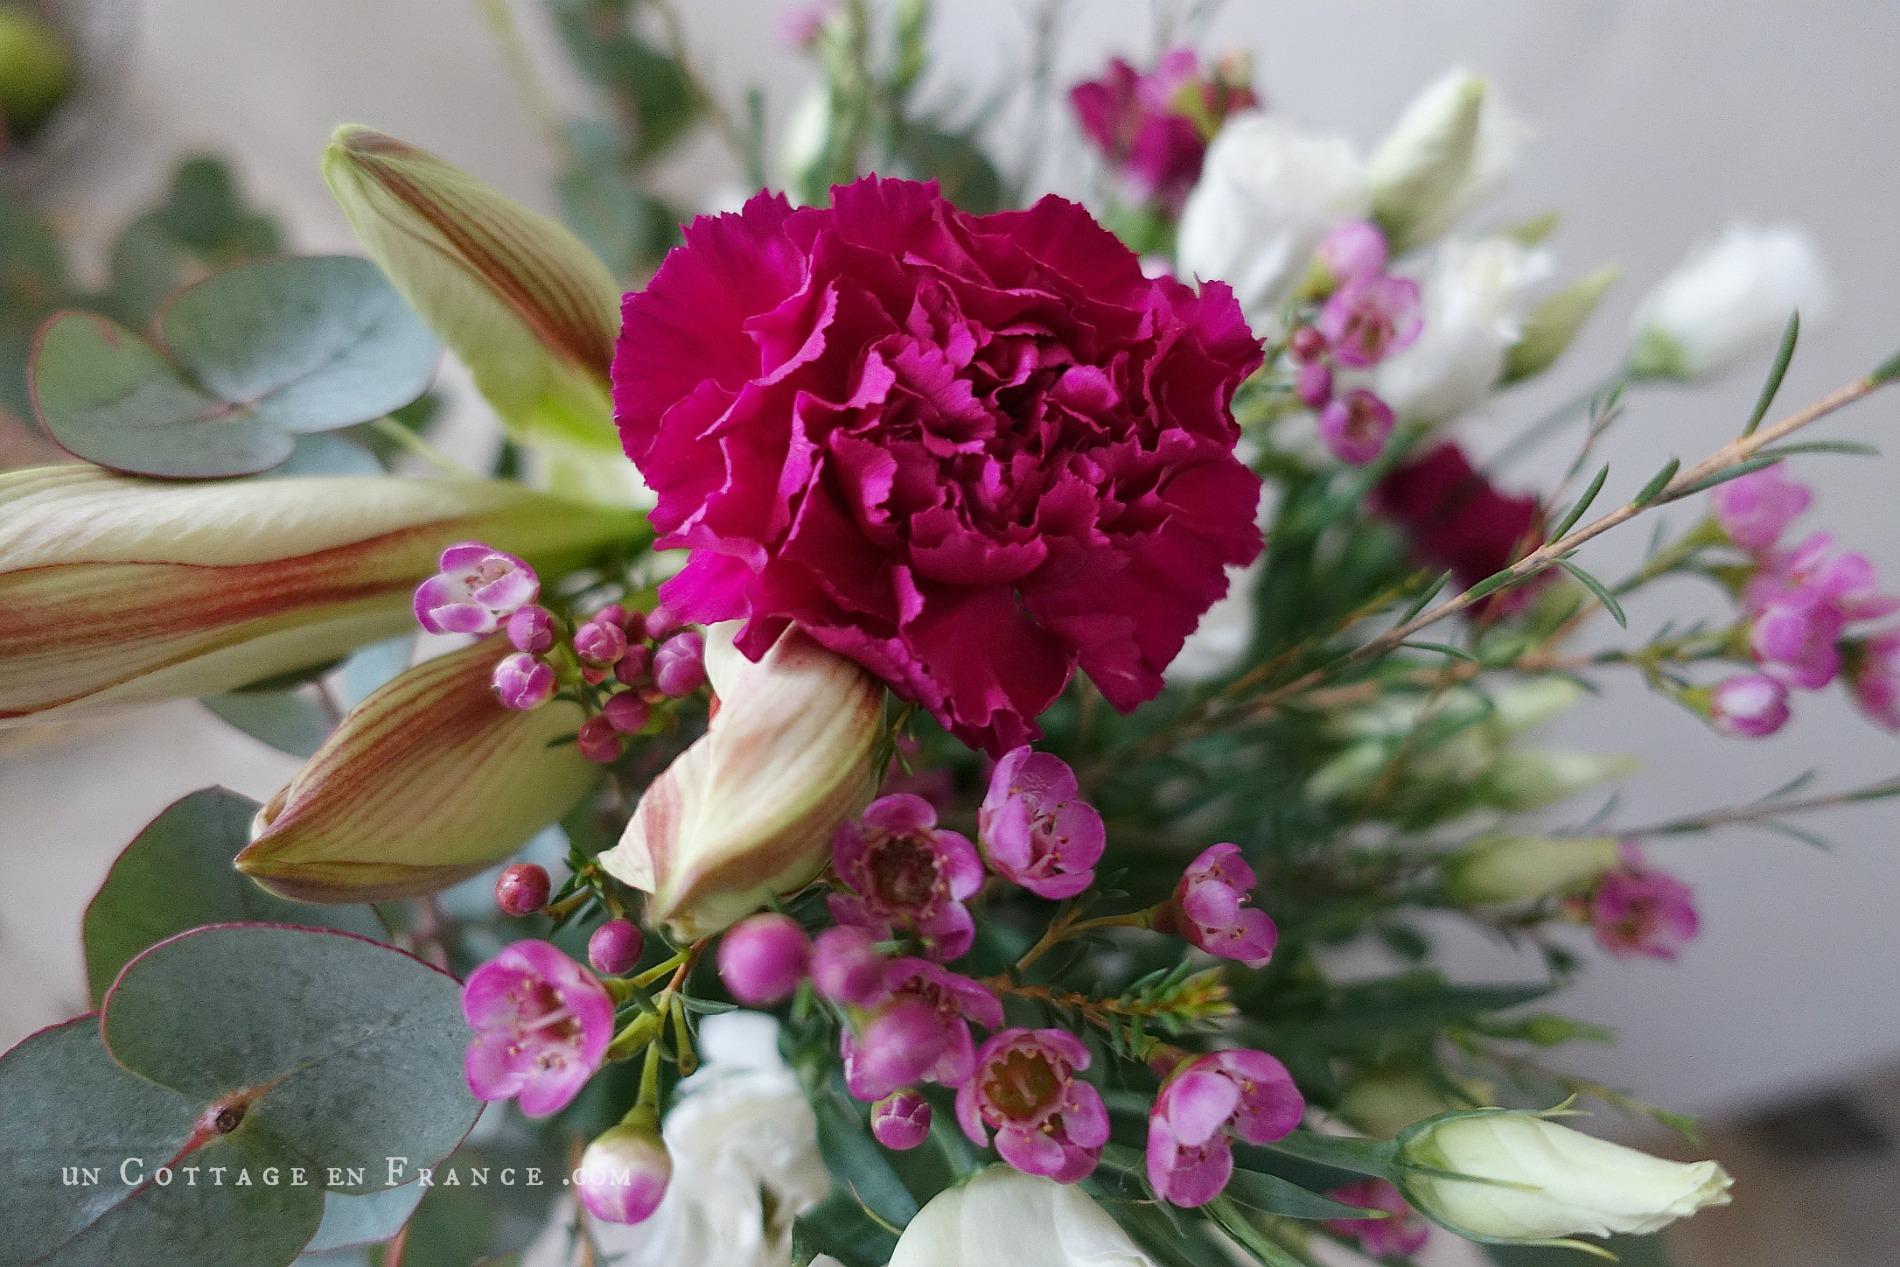 Le bouquet de la Saint valentin, oeillets roses 3